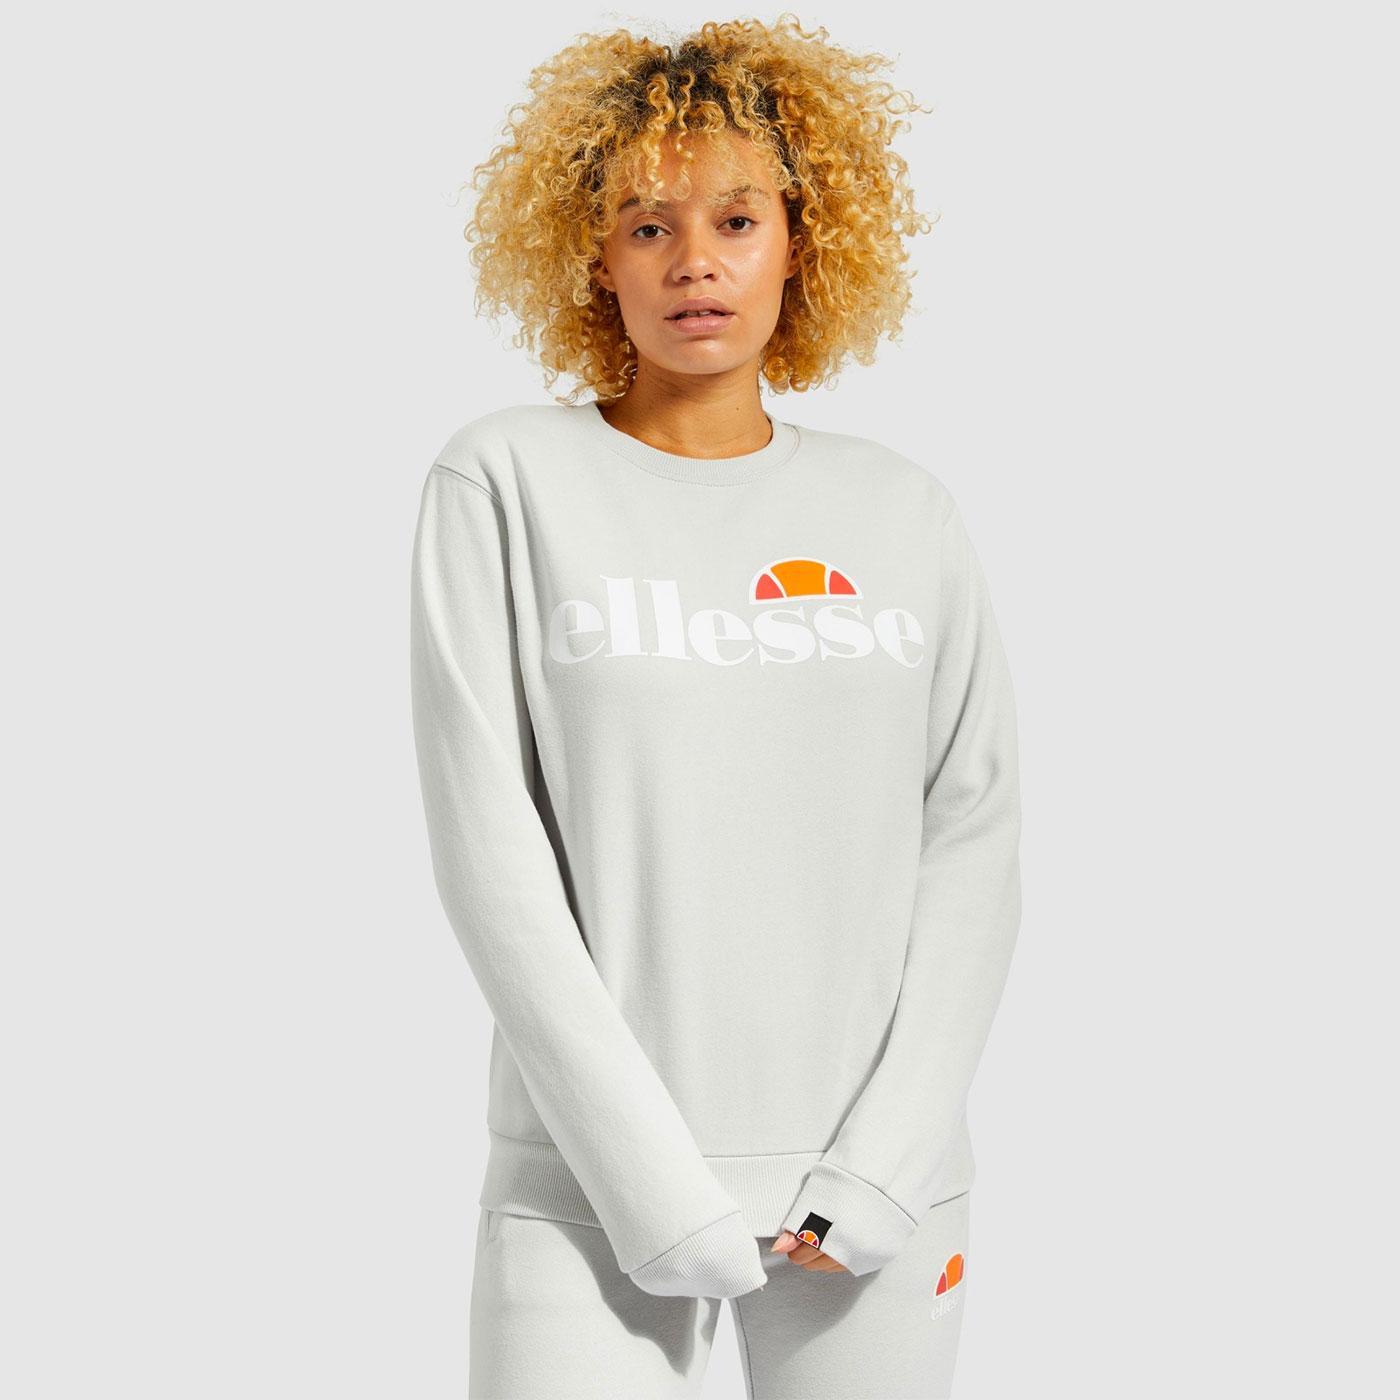 Agata ELLESSE Women's Retro 90s Sweatshirt (LG)